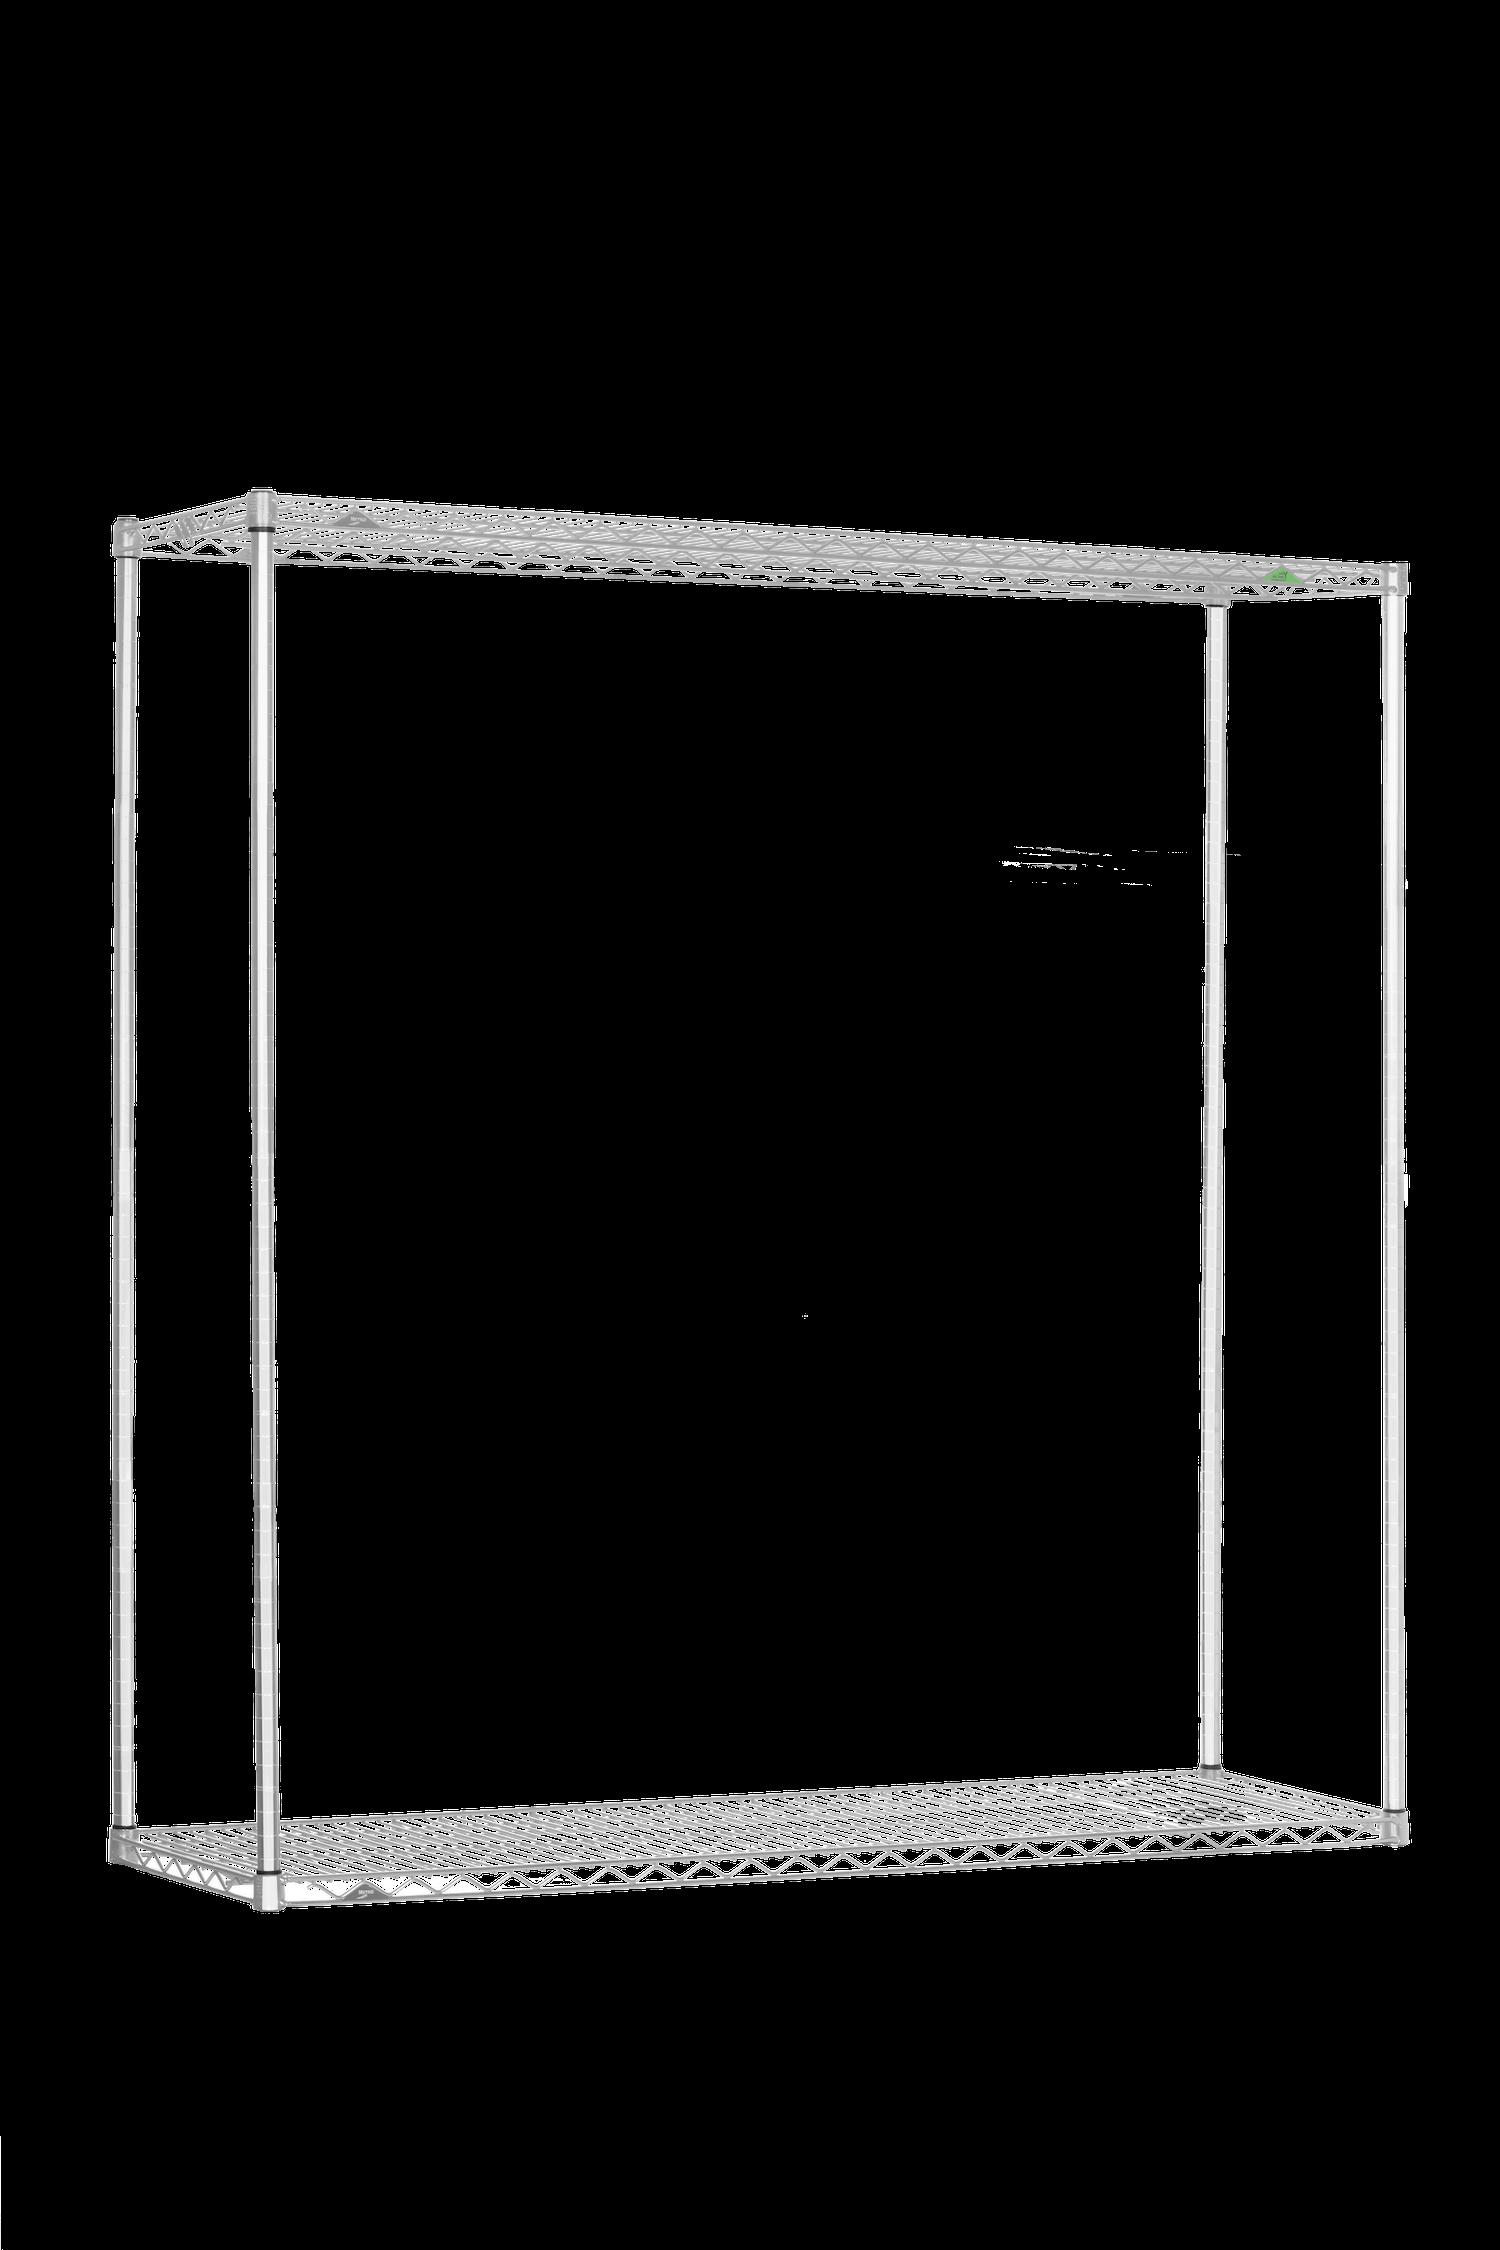 610x1524mm, 24x60 inch